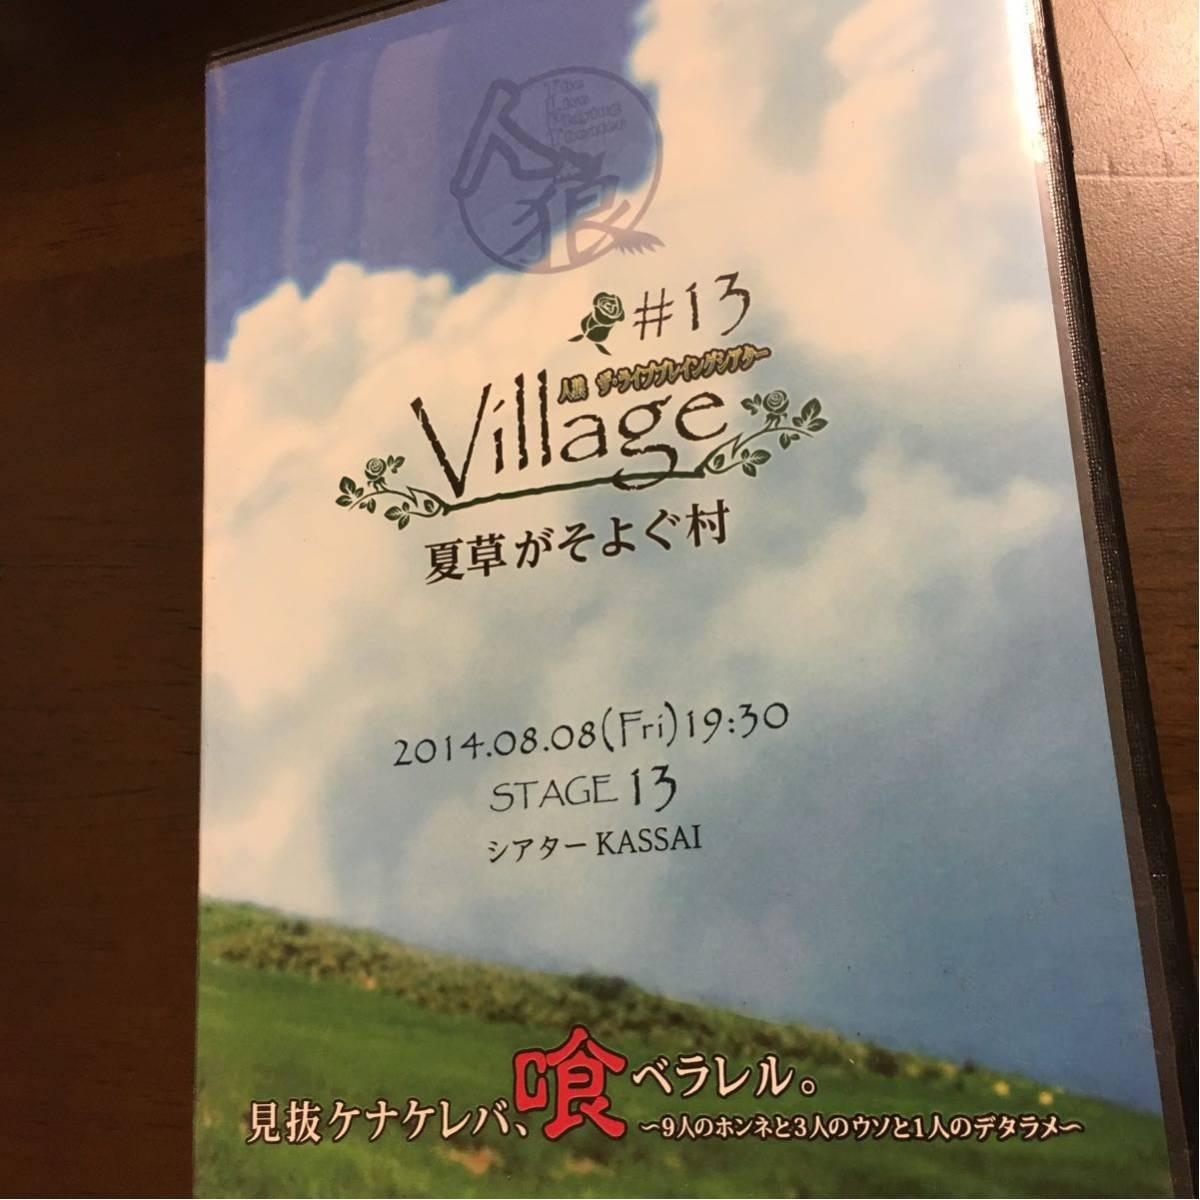 人狼 TLPT DVD 『Village 夏草がそよぐ村』 高木俊 横山可奈子 渡辺隼斗 溝口謙吾